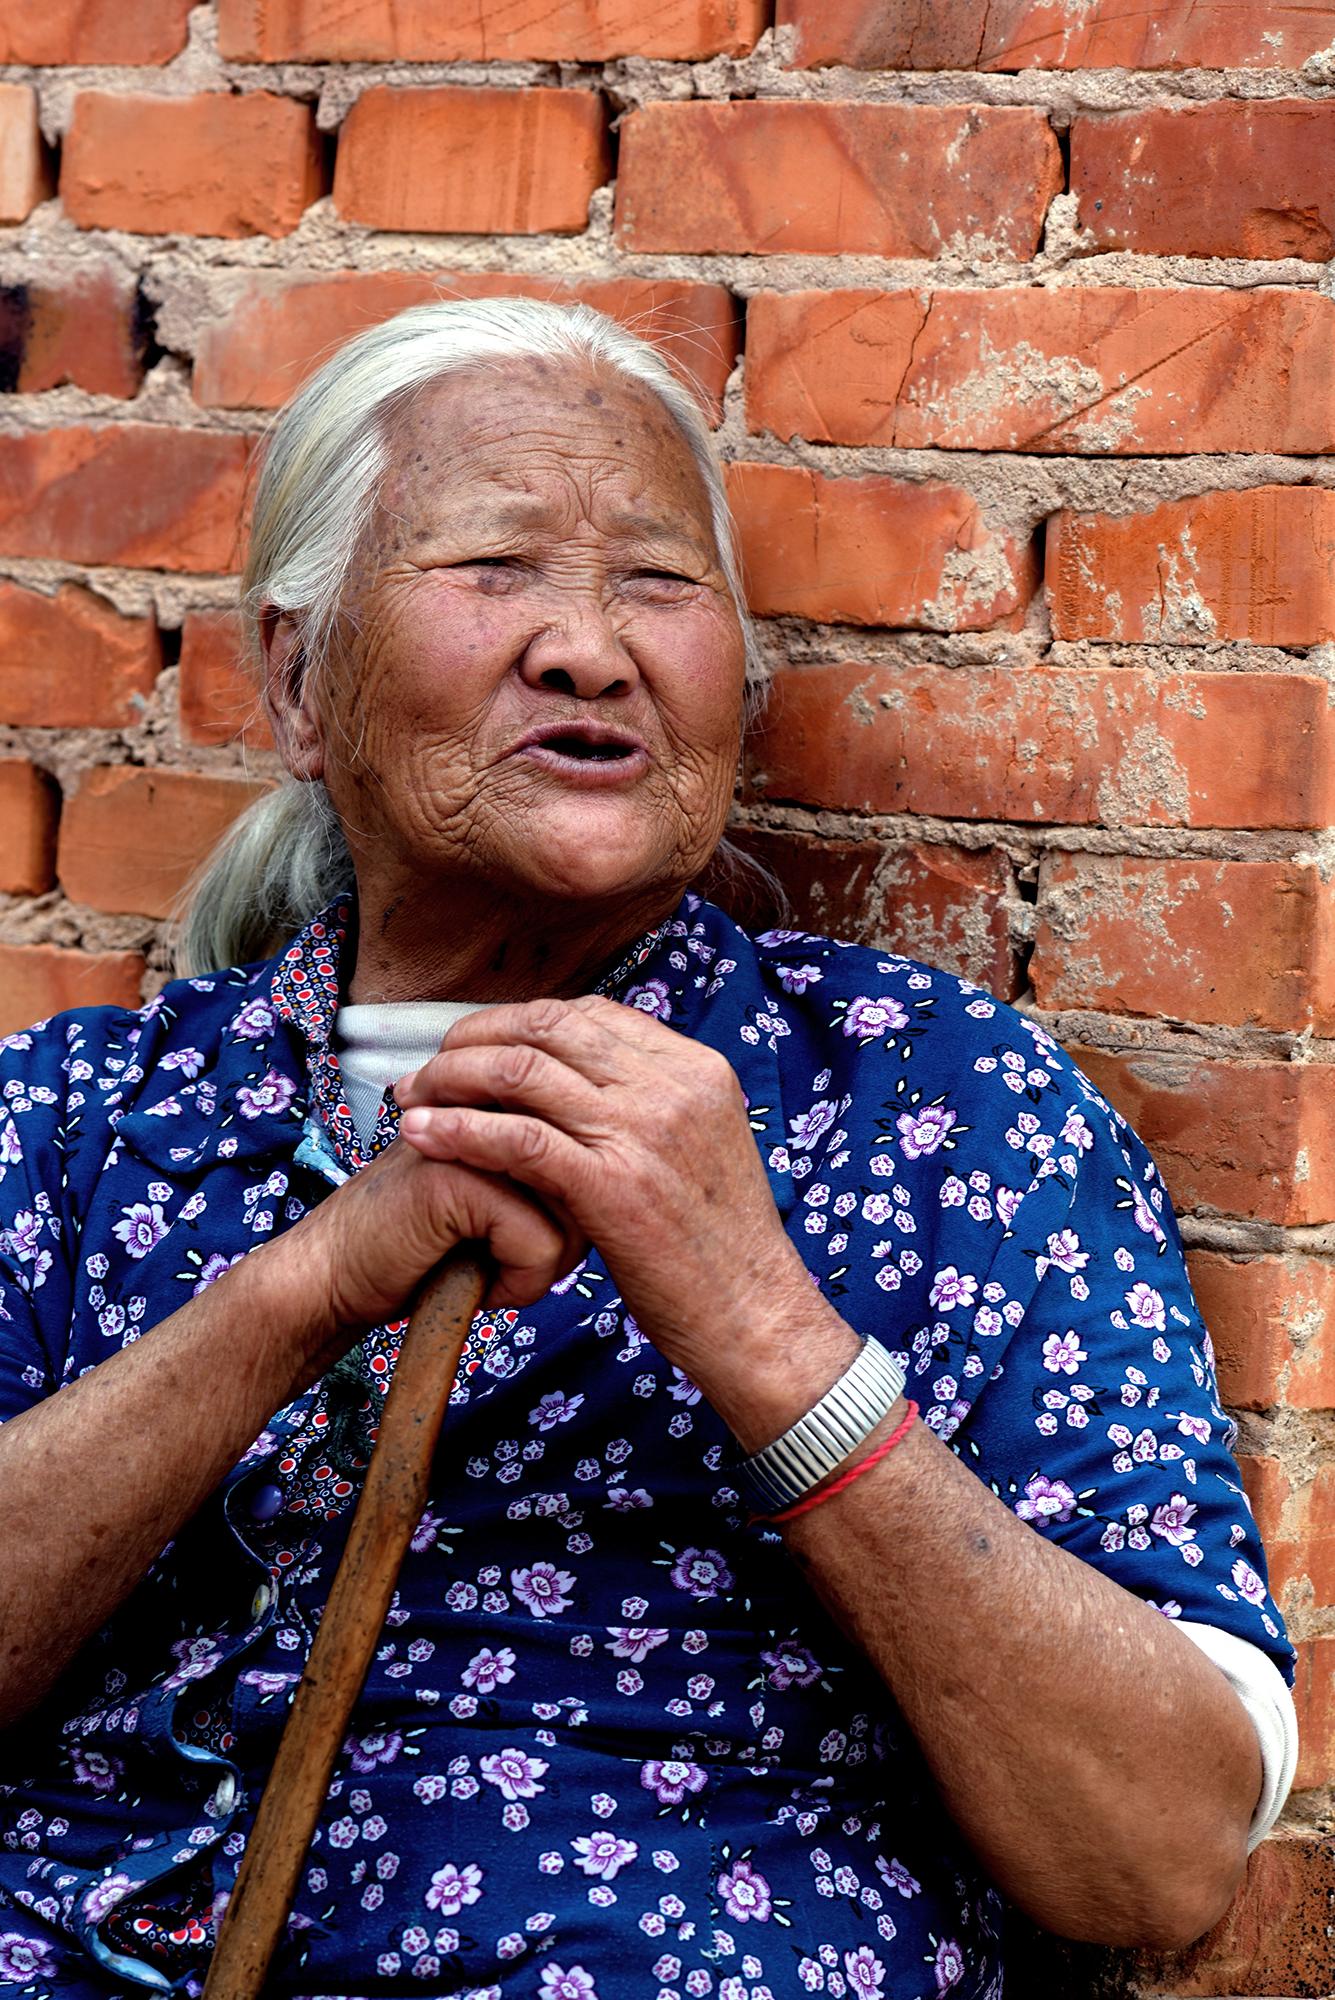 Wanyao village, Yunnan 2018